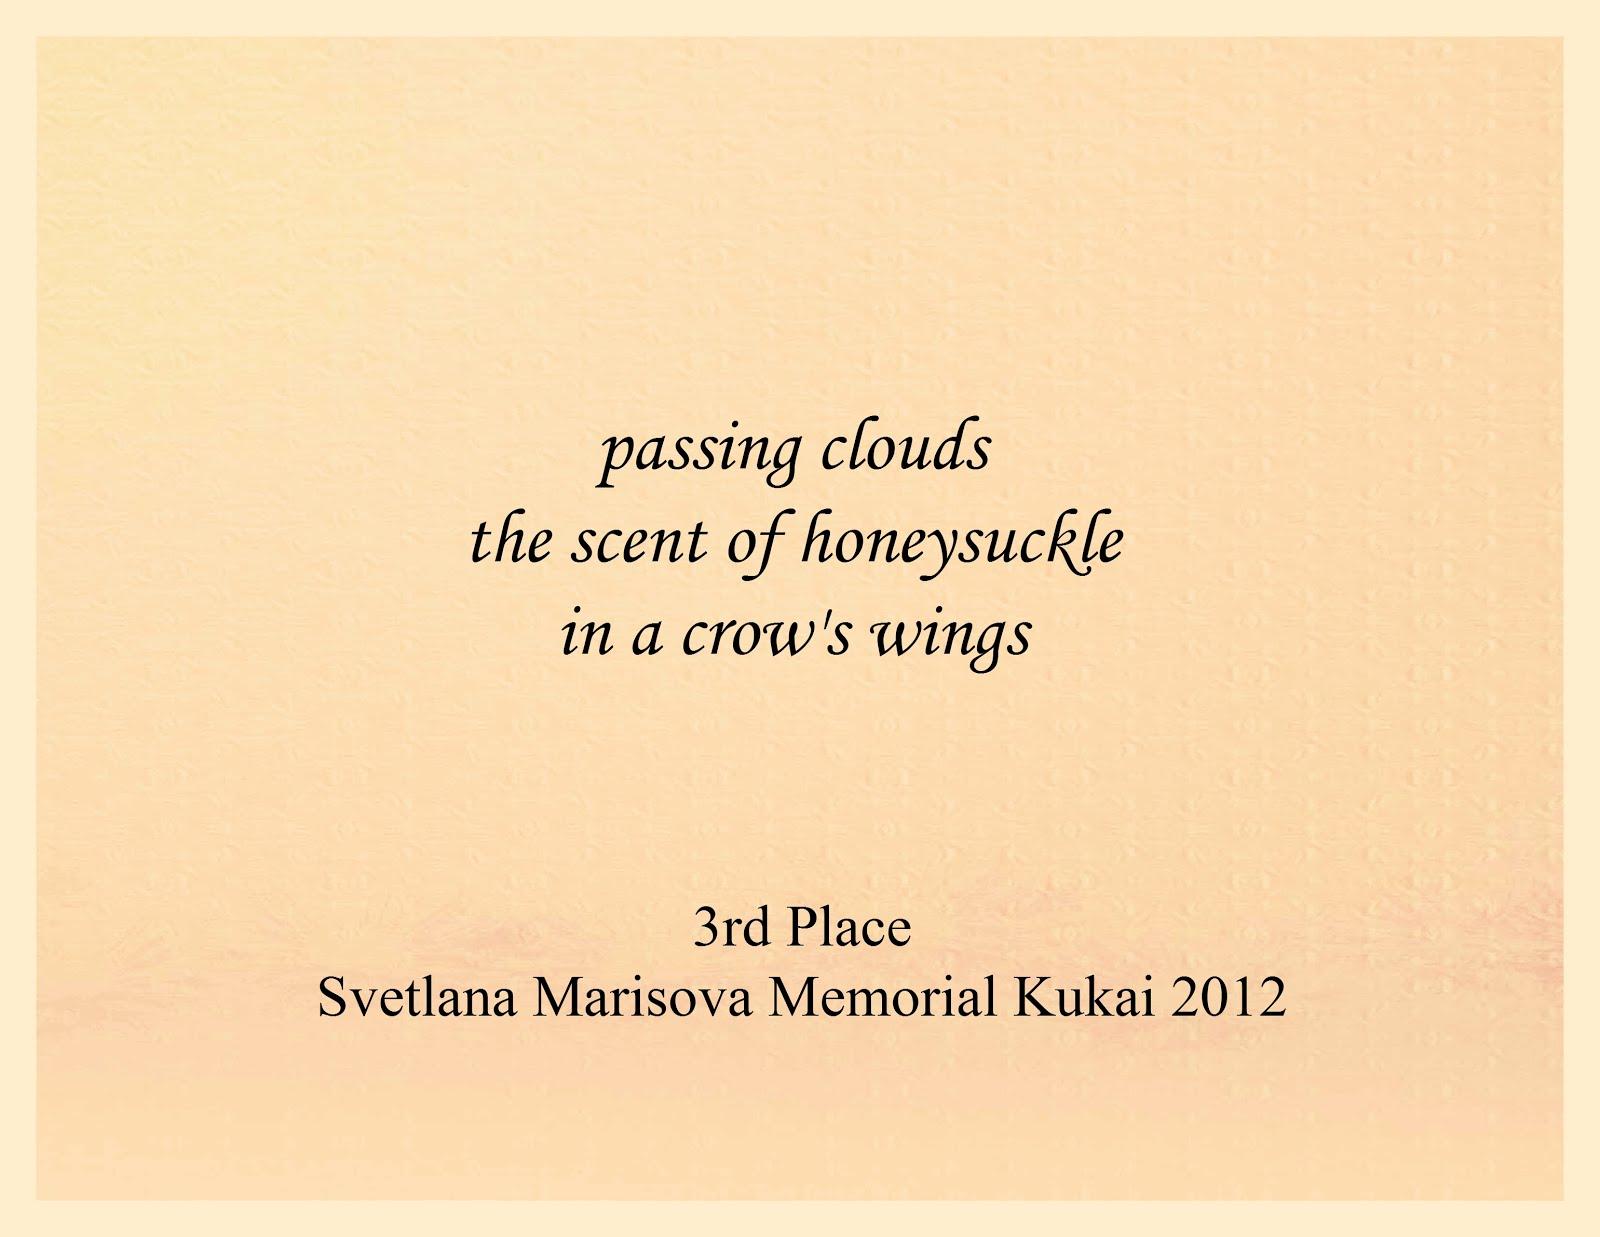 3rd Place, Svetlana Marisova Memorial Kukai 2012